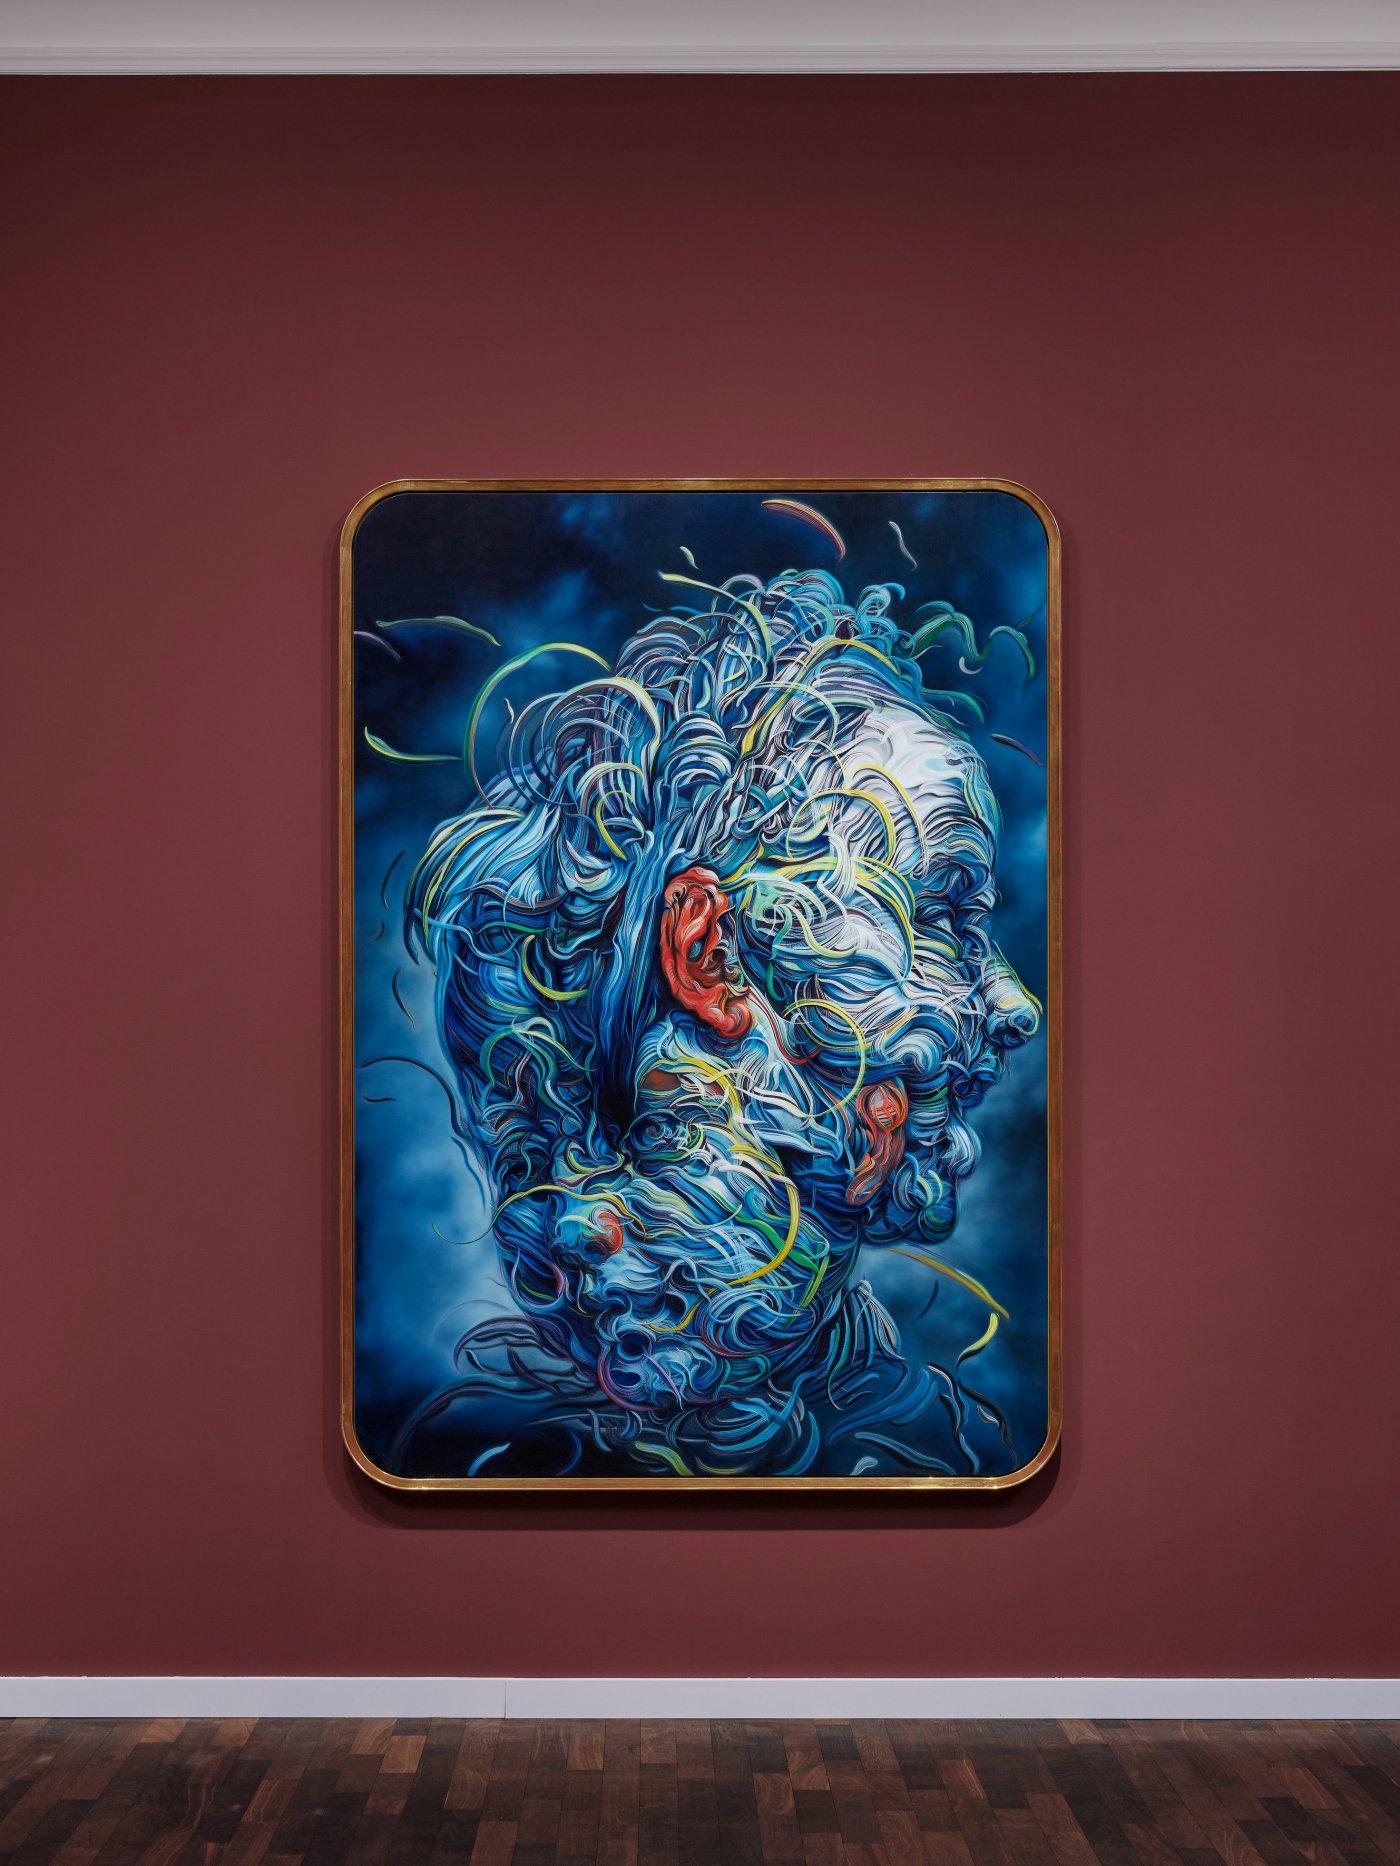 Galerie Max Hetzler Bleibtreustr 15 16 Glenn Brown 6